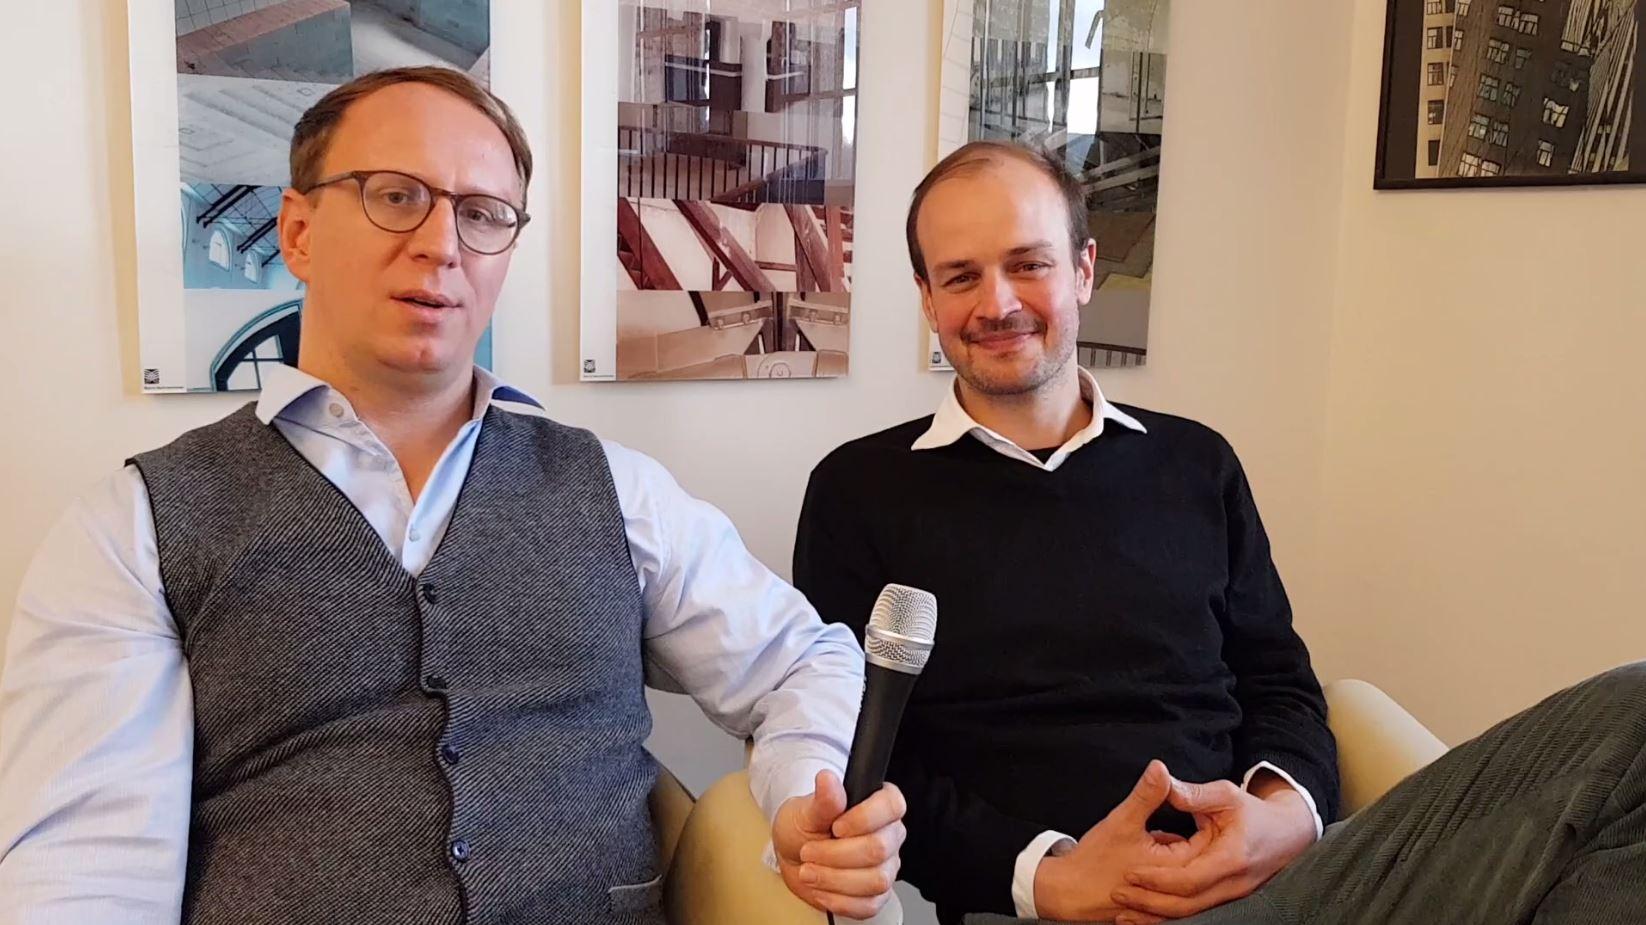 Werkleiter von JenaKultur Jonas Zipf und der zweite Werkleiter Carsten Müller